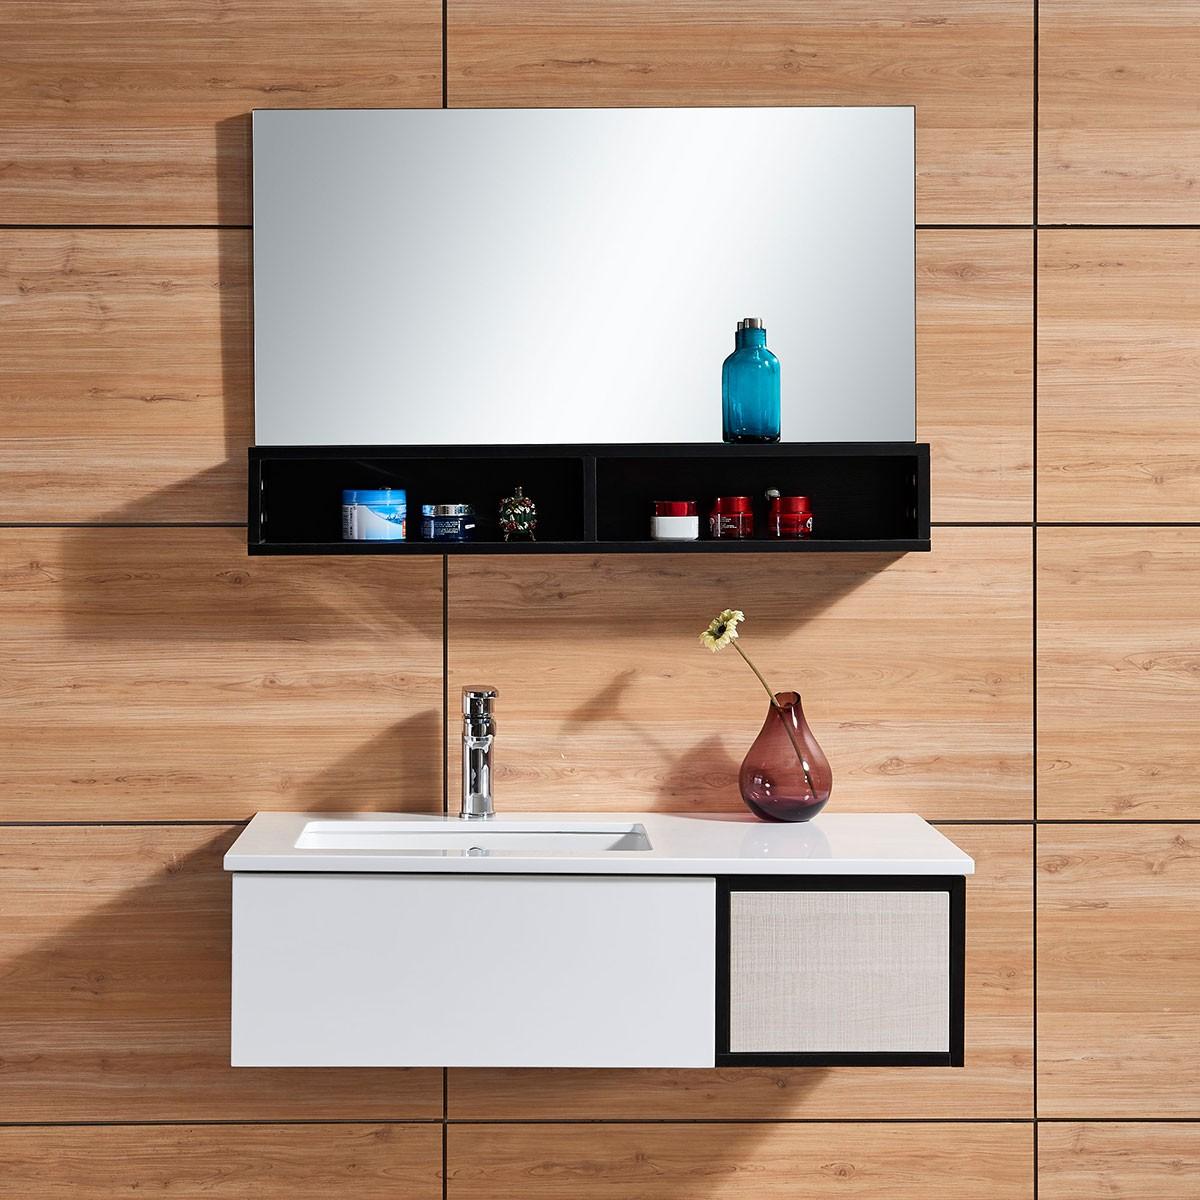 39 po meuble salle de bain suspendu au mur avec miroir dk for Miroir magique au mur